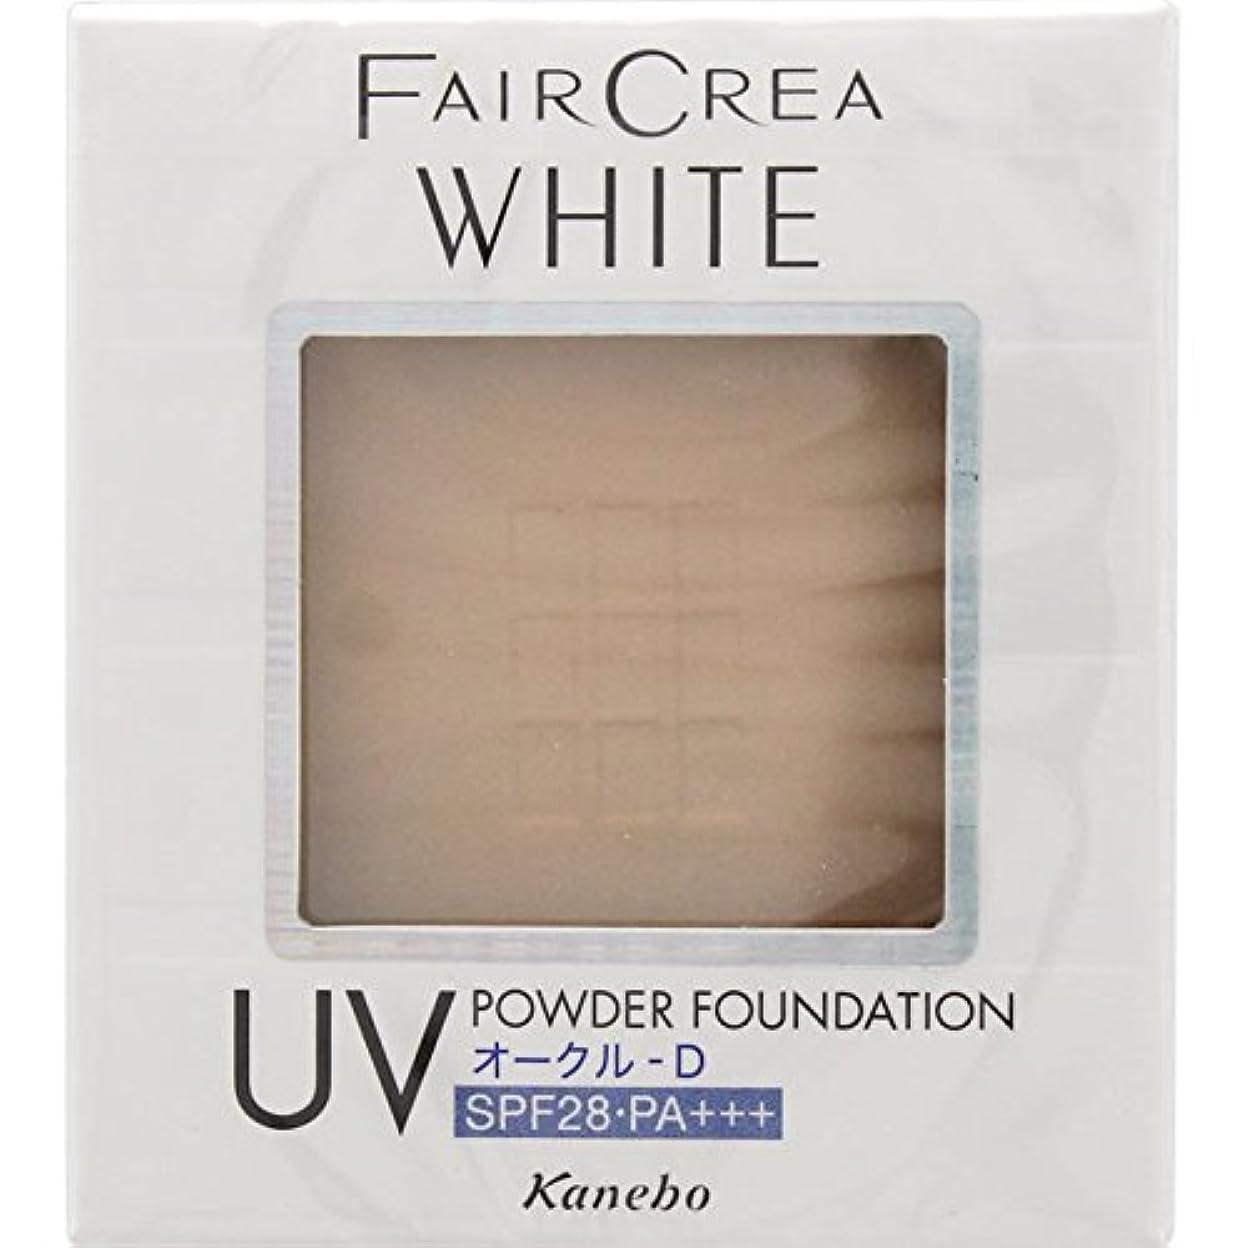 カネボウフェアクレア(FAIRCREA)ホワイトUVパウダーファンデーション カラー:オークルD